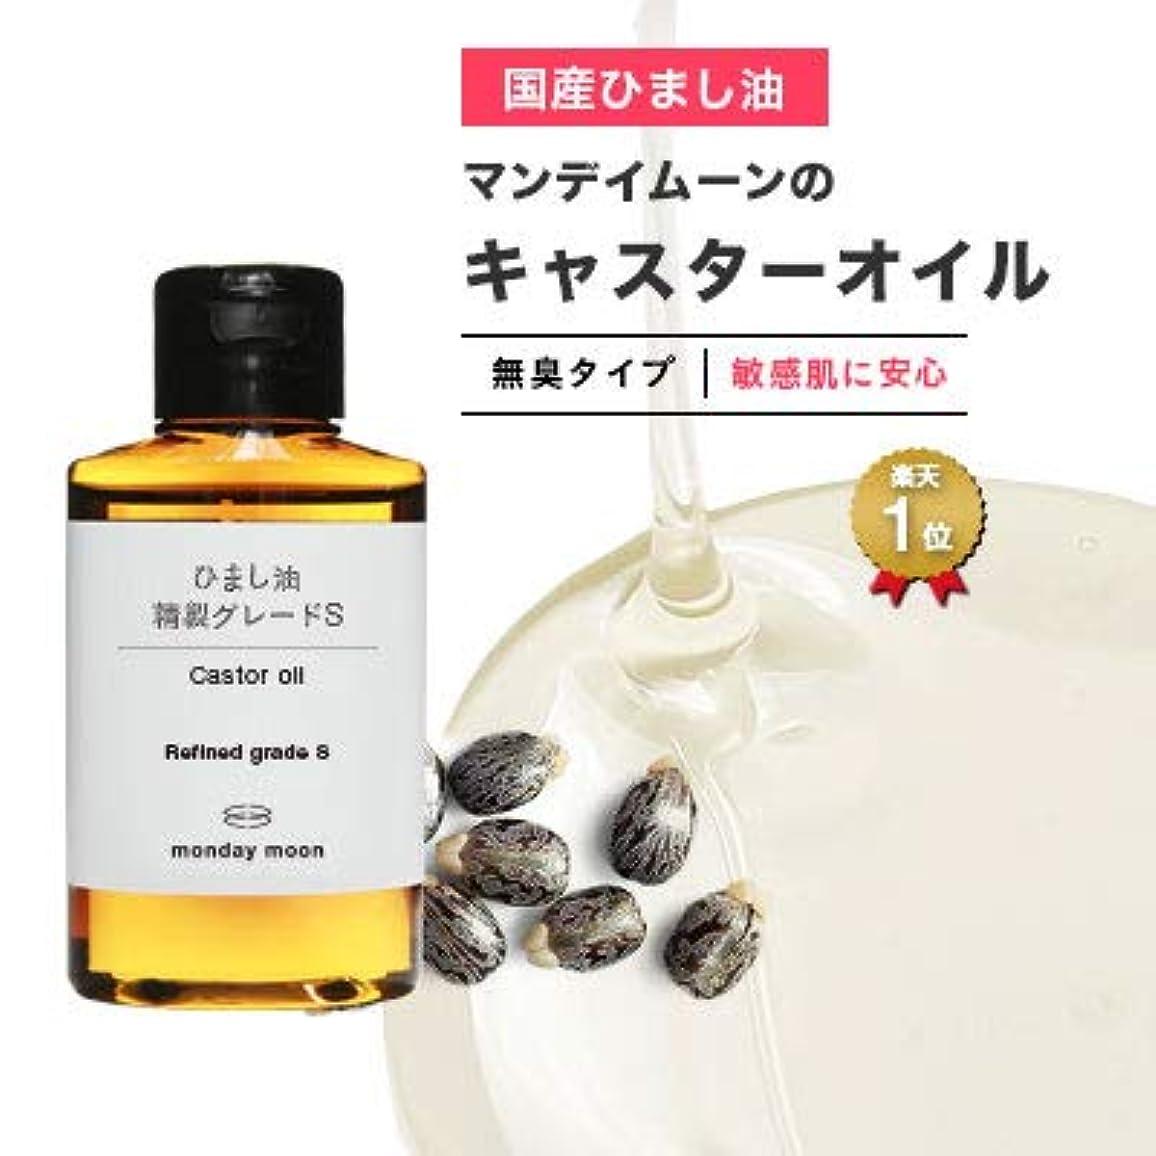 議会蒸留するレタスキャスターオイル?精製グレードS(ひまし油)/50ml